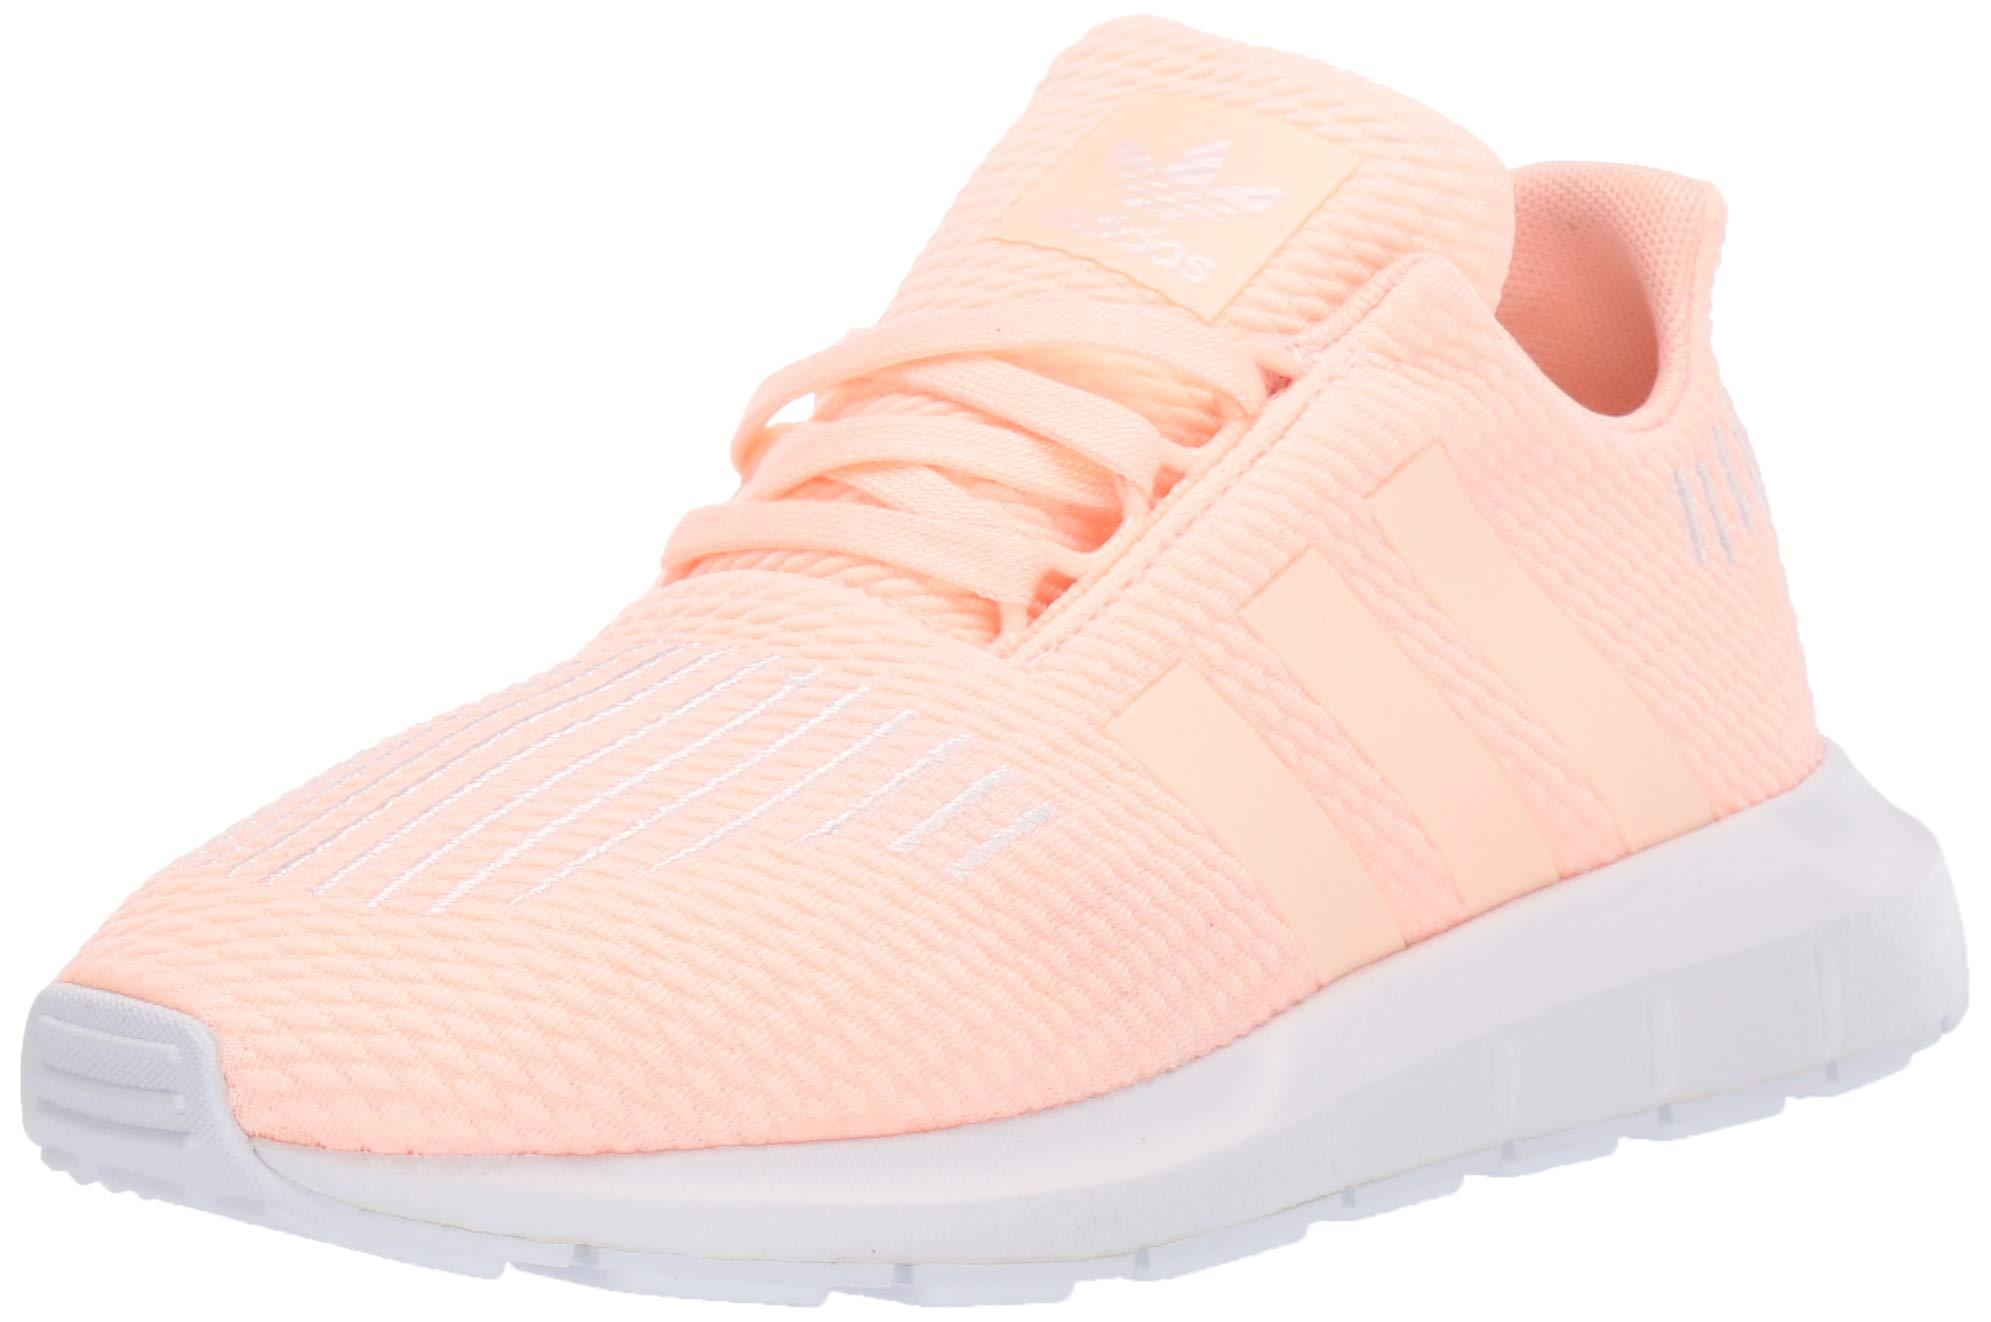 adidas Originals Baby Swift Running Shoe, Clear Orange/Weiss-Schwarz/White, 4K M US Toddler